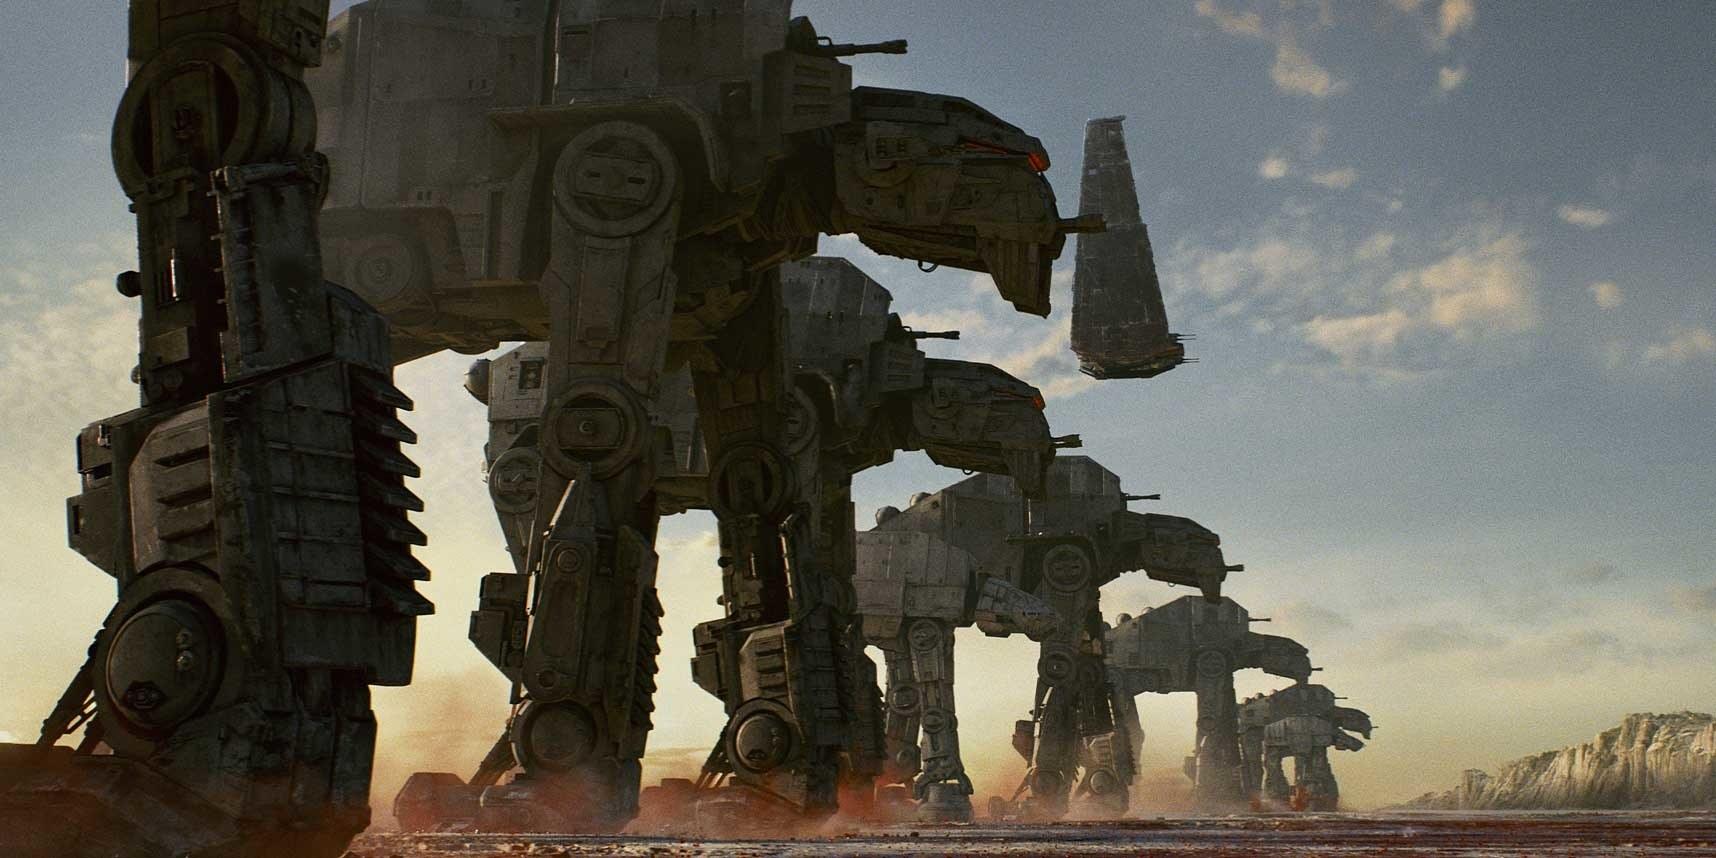 Star Wars The Last Jedi AT-M6